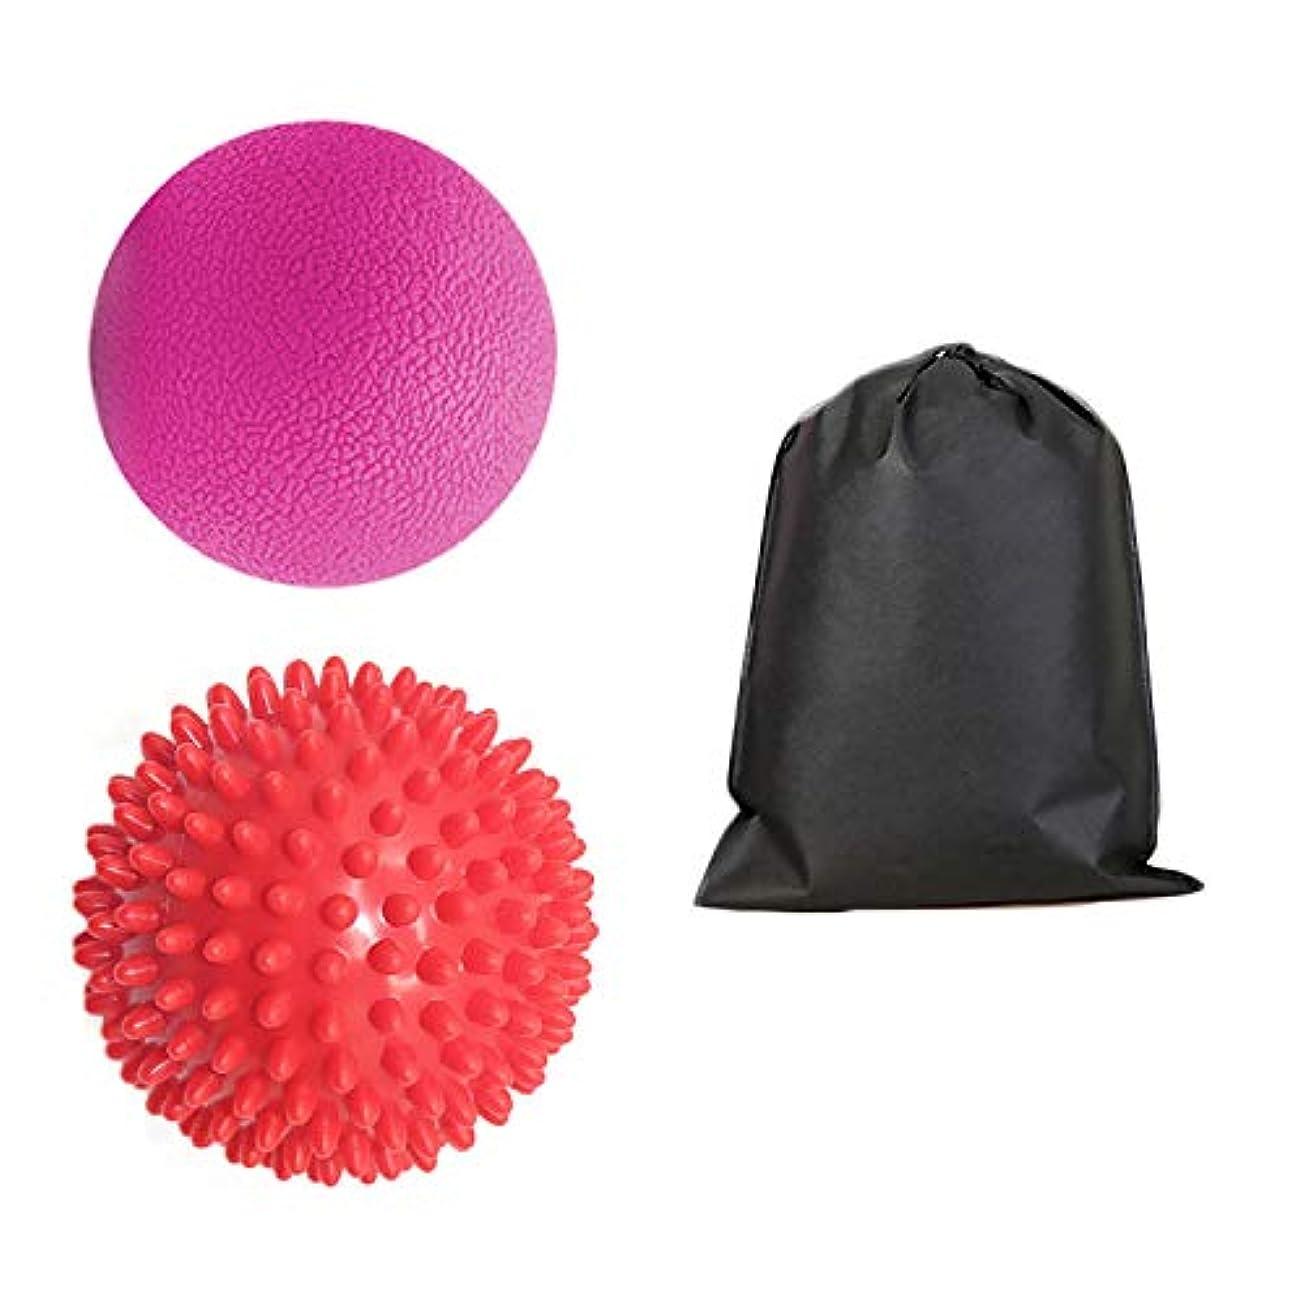 敷居レンディション揃えるMigavan 1個マッサージボールマッサージボールローラーマッサージボール+ 1袋スパイクマッサージローラーボールマッサージと収納バッグ